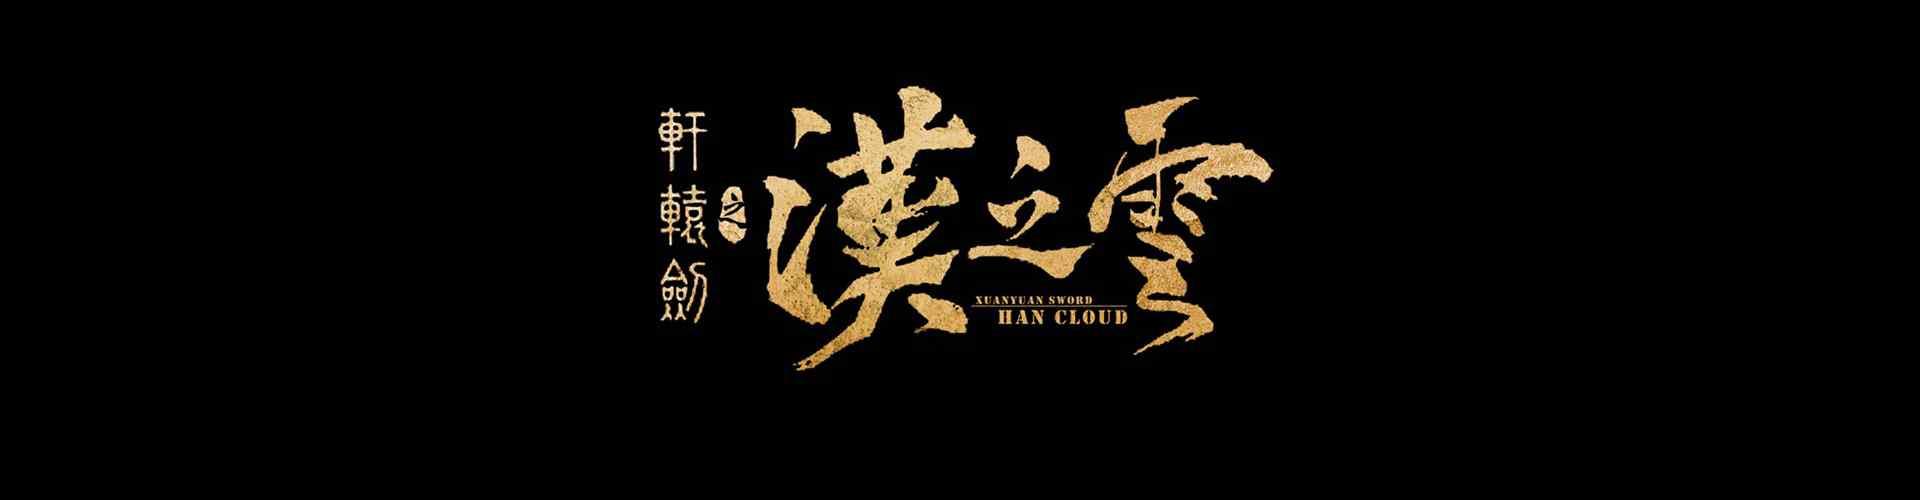 轩辕剑之汉之云_轩辕剑之汉之云电视剧_轩辕剑之汉之云剧照_轩辕剑之汉之云影视壁纸